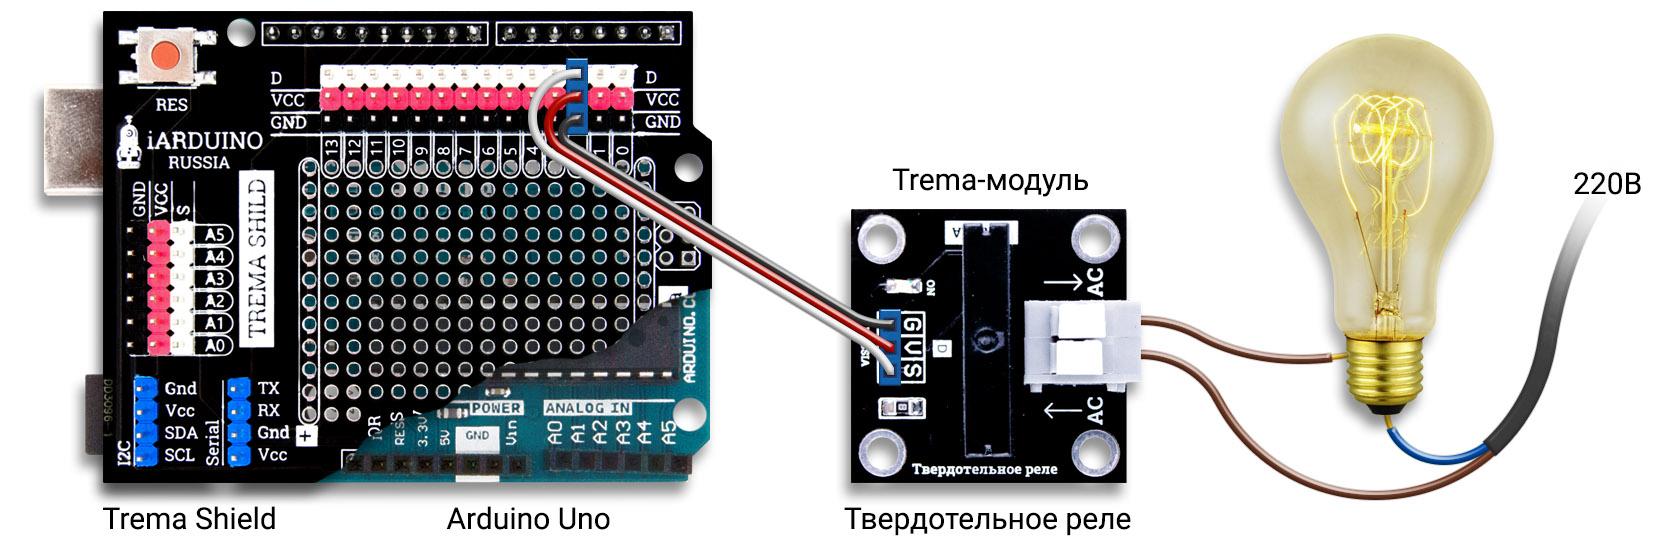 Подключение твердотельного реле к Arduino